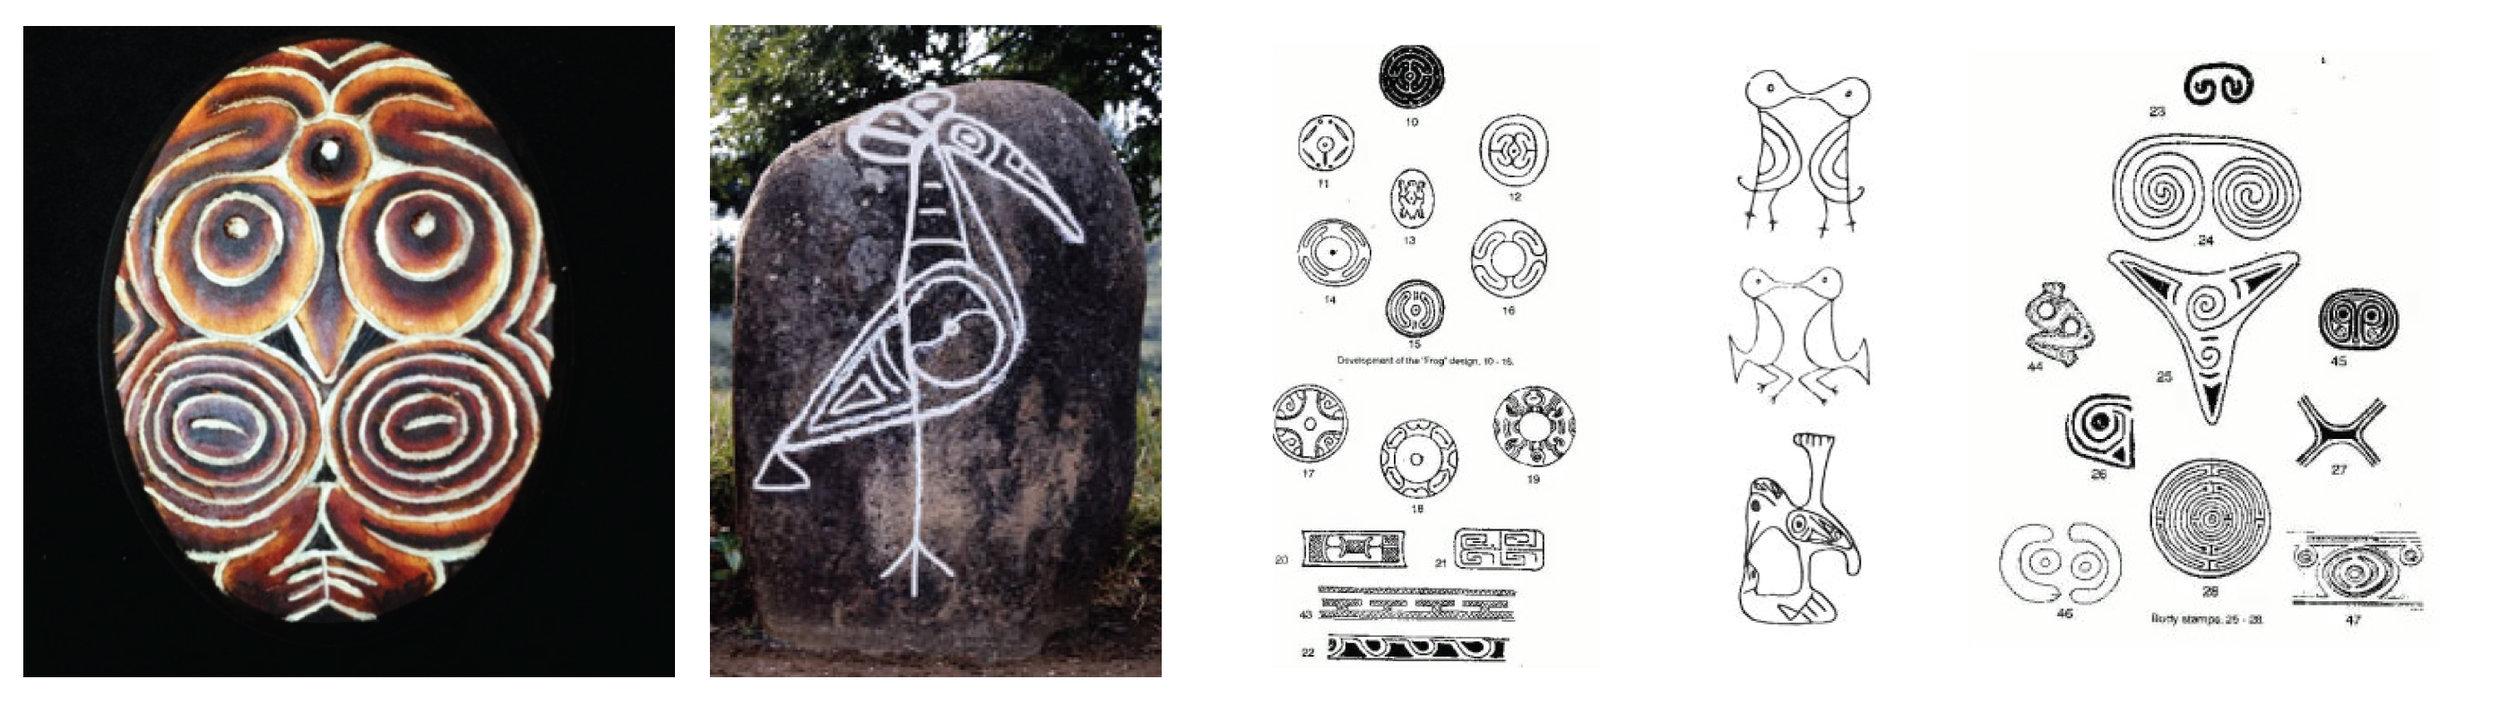 Arawak Cycles Inspiration